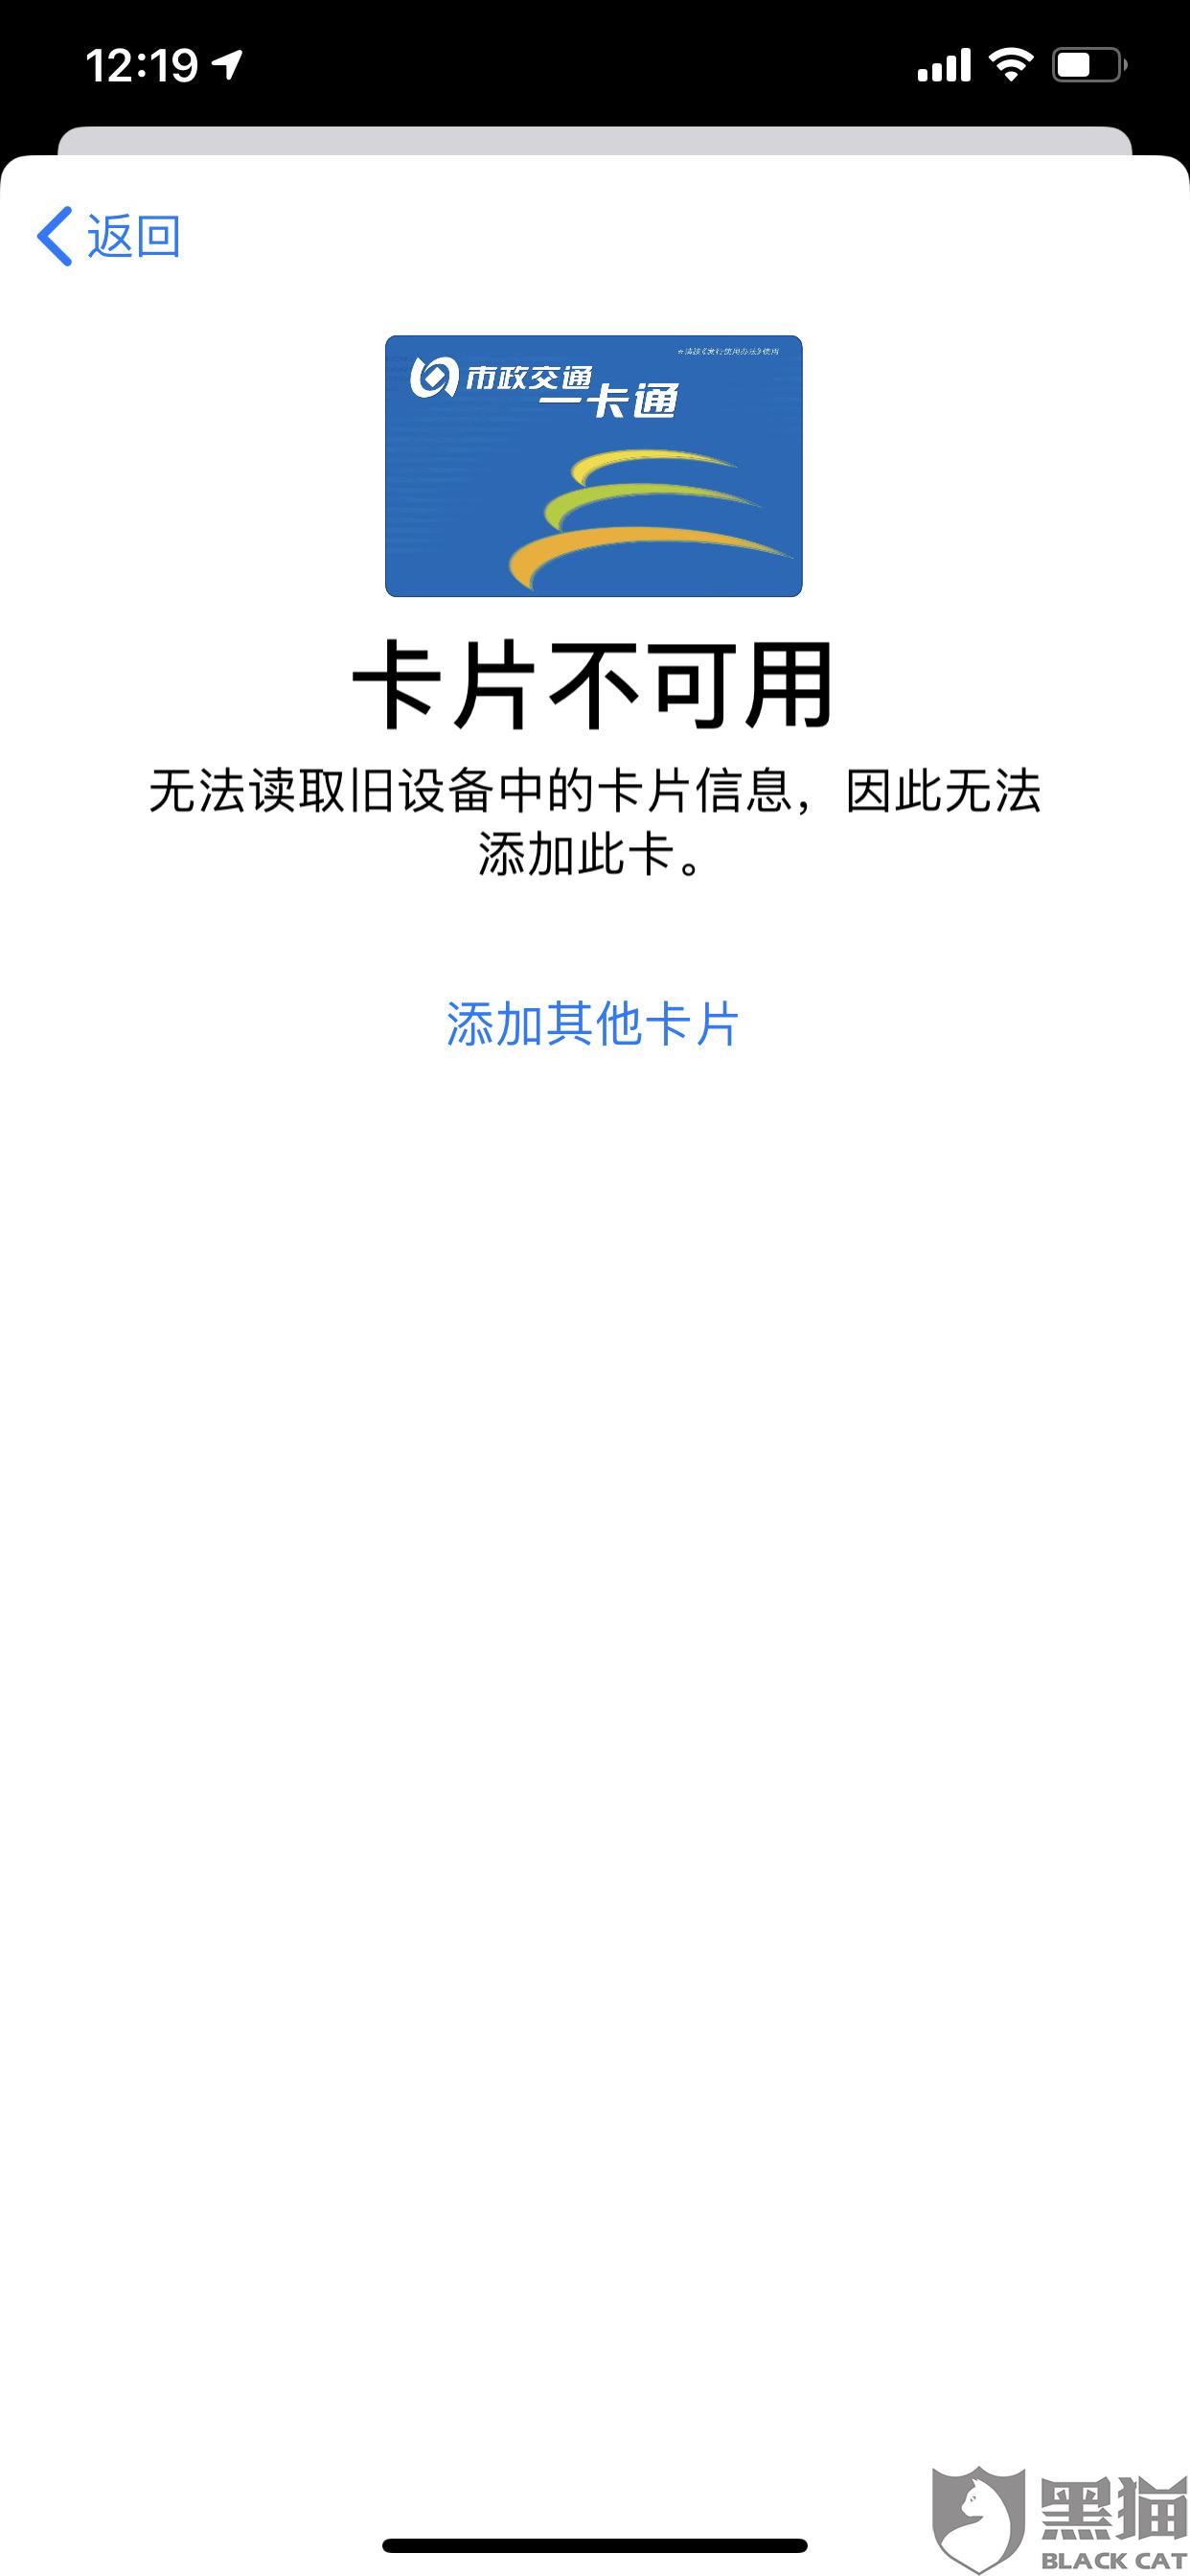 黑猫投诉:苹果钱包添加旧交通卡绑定失败 一直提示无法读取旧设备